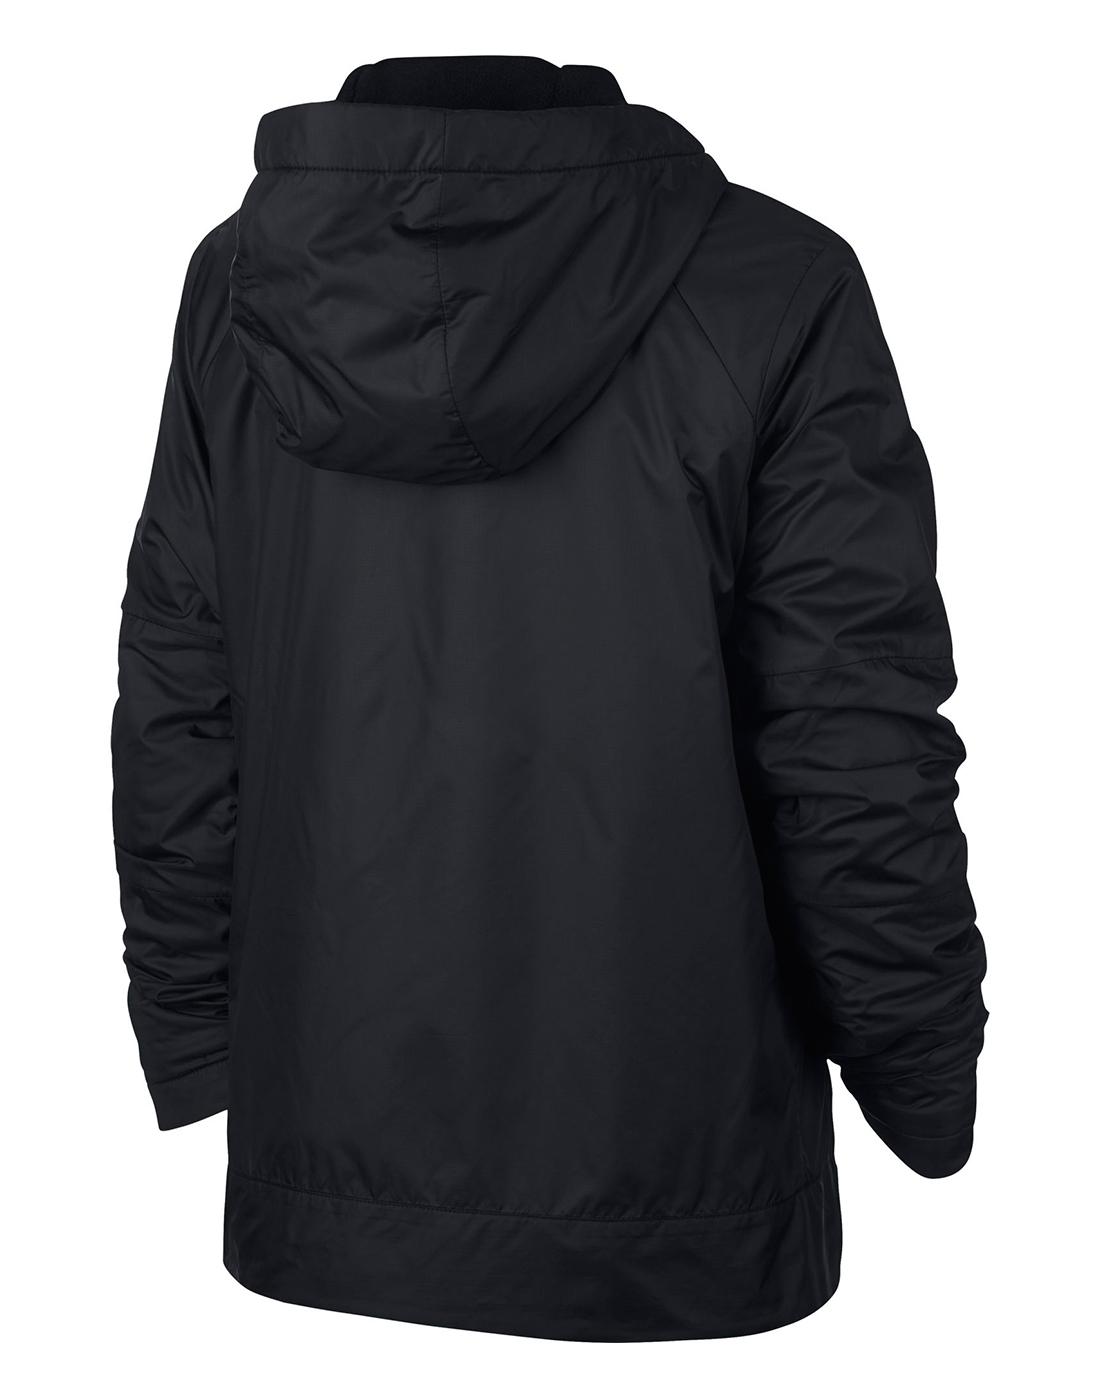 a98d7dc9da Older Boys Fleece Lined Jacket · Older Boys Fleece Lined Jacket ...